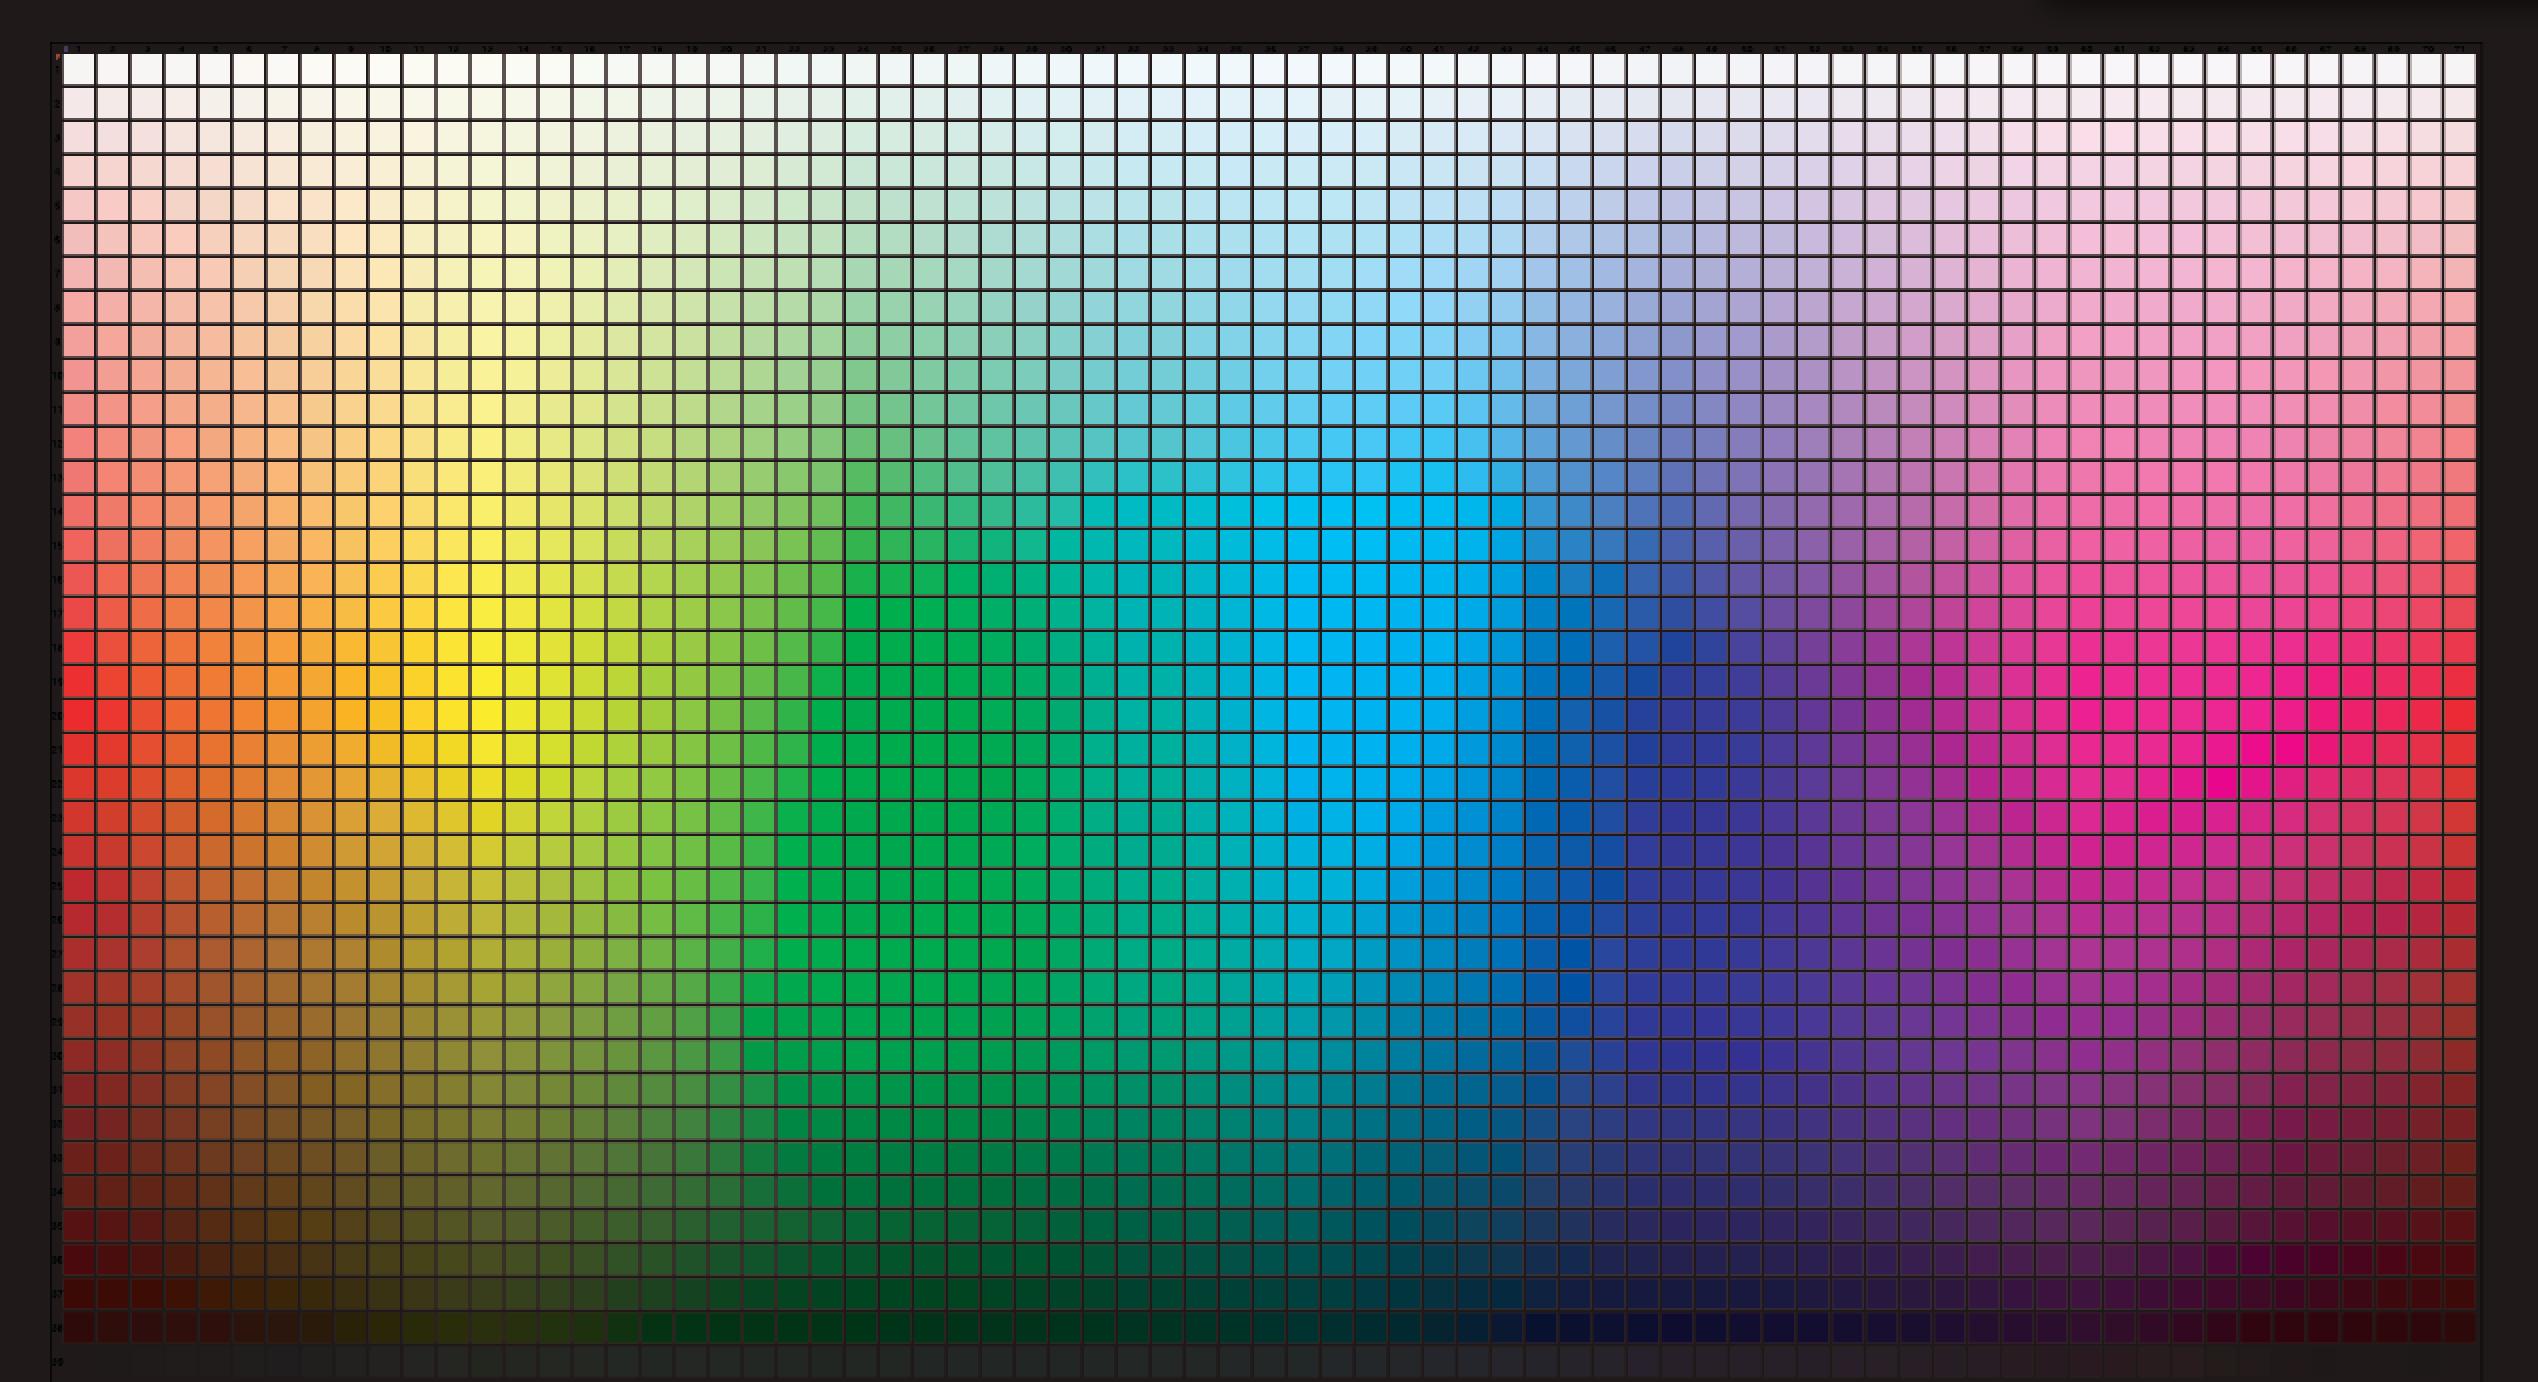 Как в cmyk сделать яркие цвета в кореле